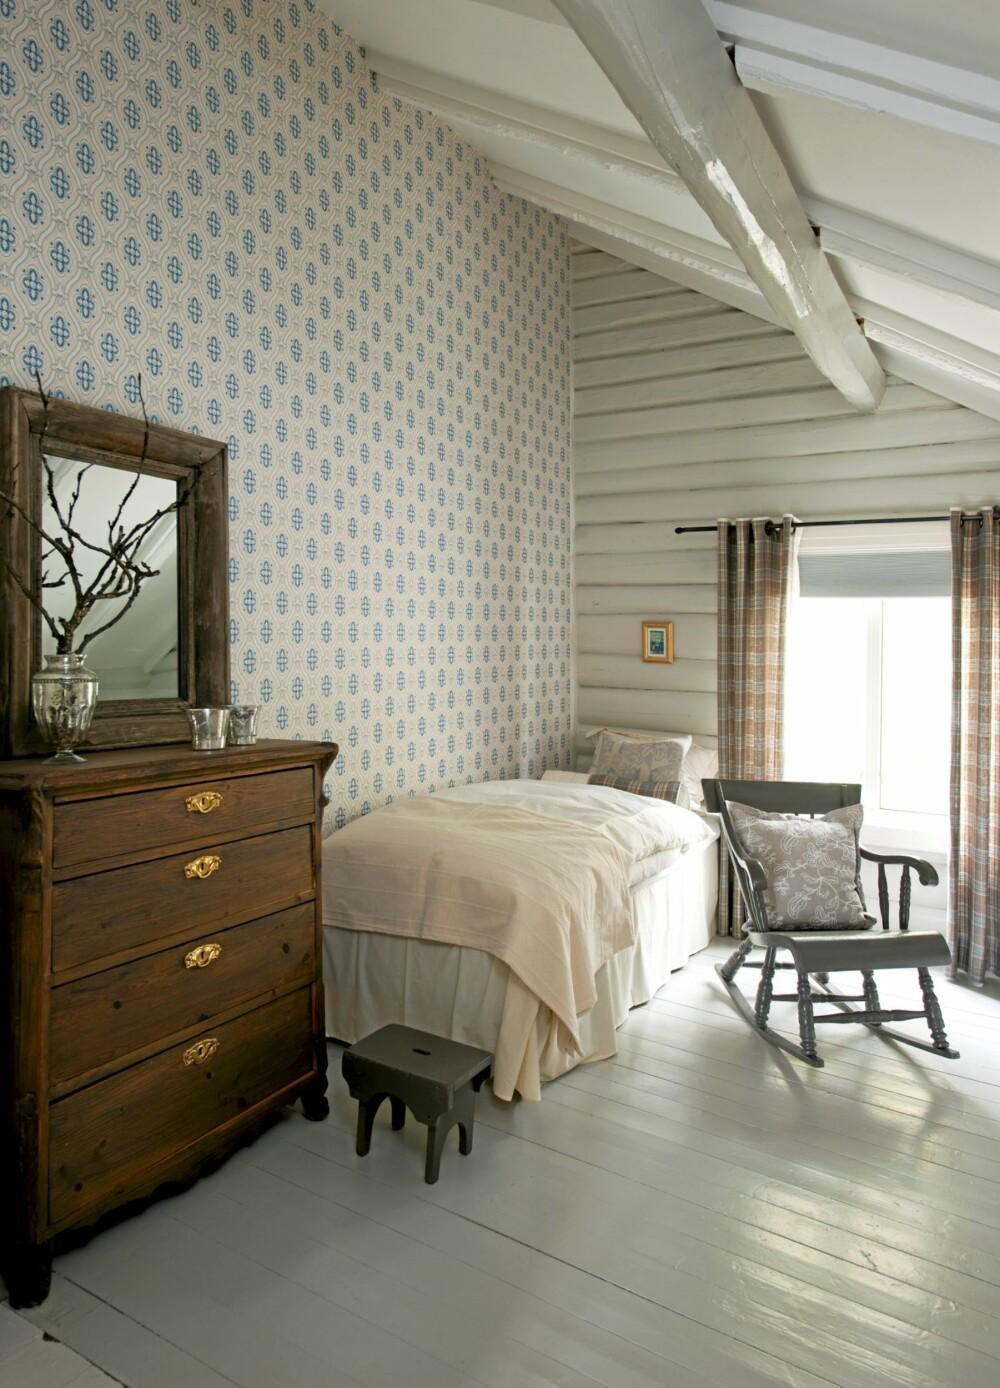 NYTT I PIKEROMMET: Med et nytt Borås-tapet i gammel stil og  ruteromantiske gardiner fra Green Apple fikk værelset en tidløs, ekte sjarm.